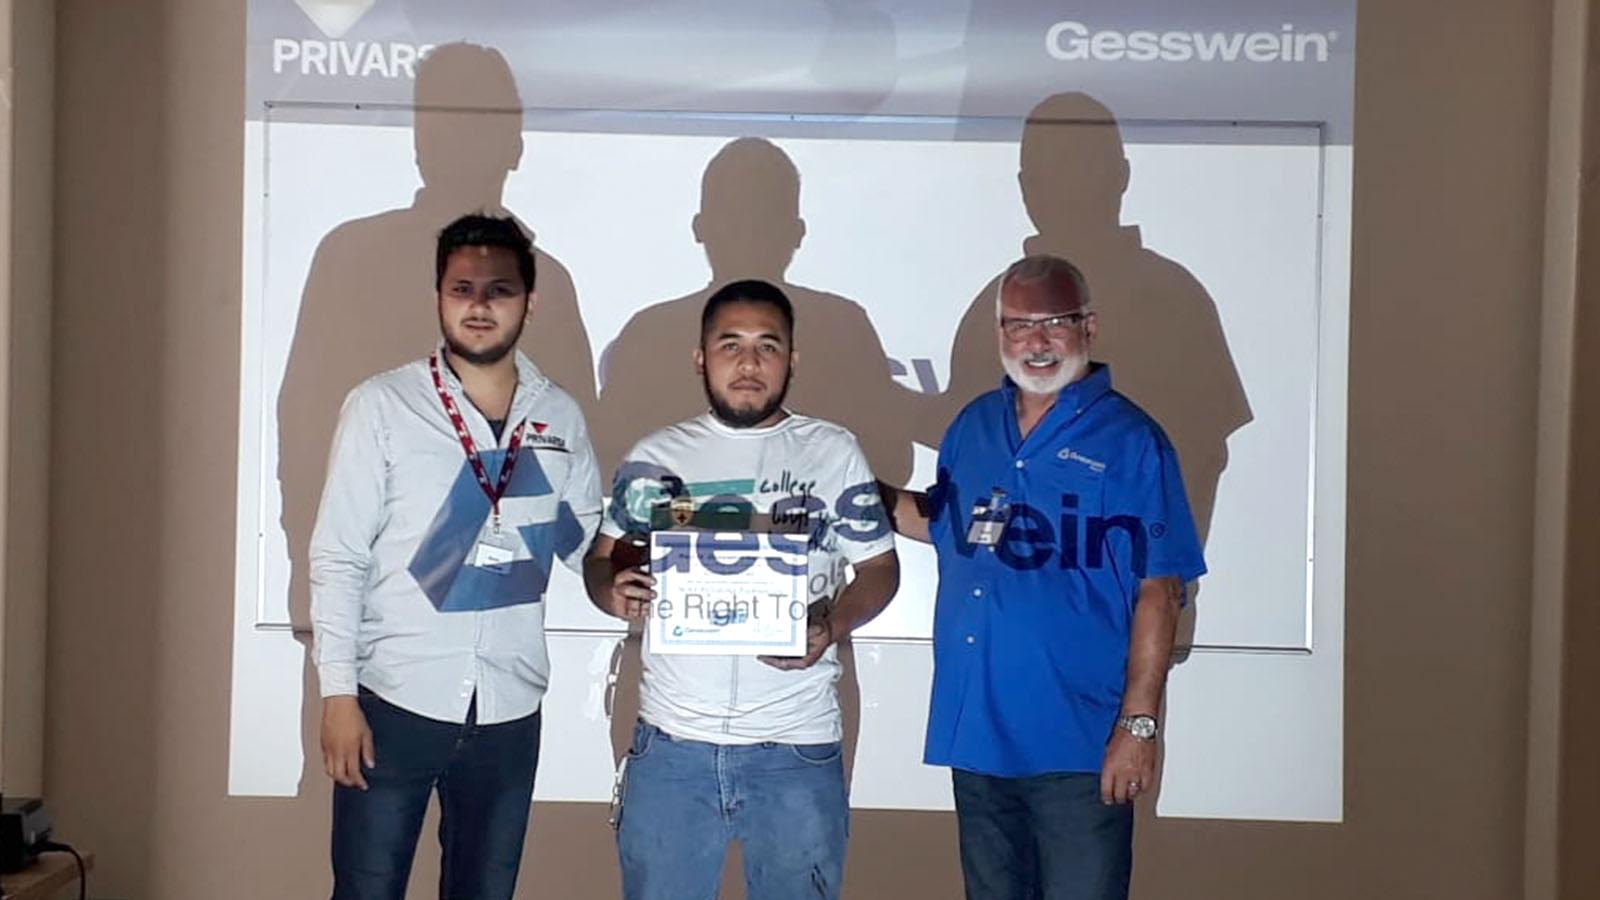 graduados curso PRIVARSA y Gesswein